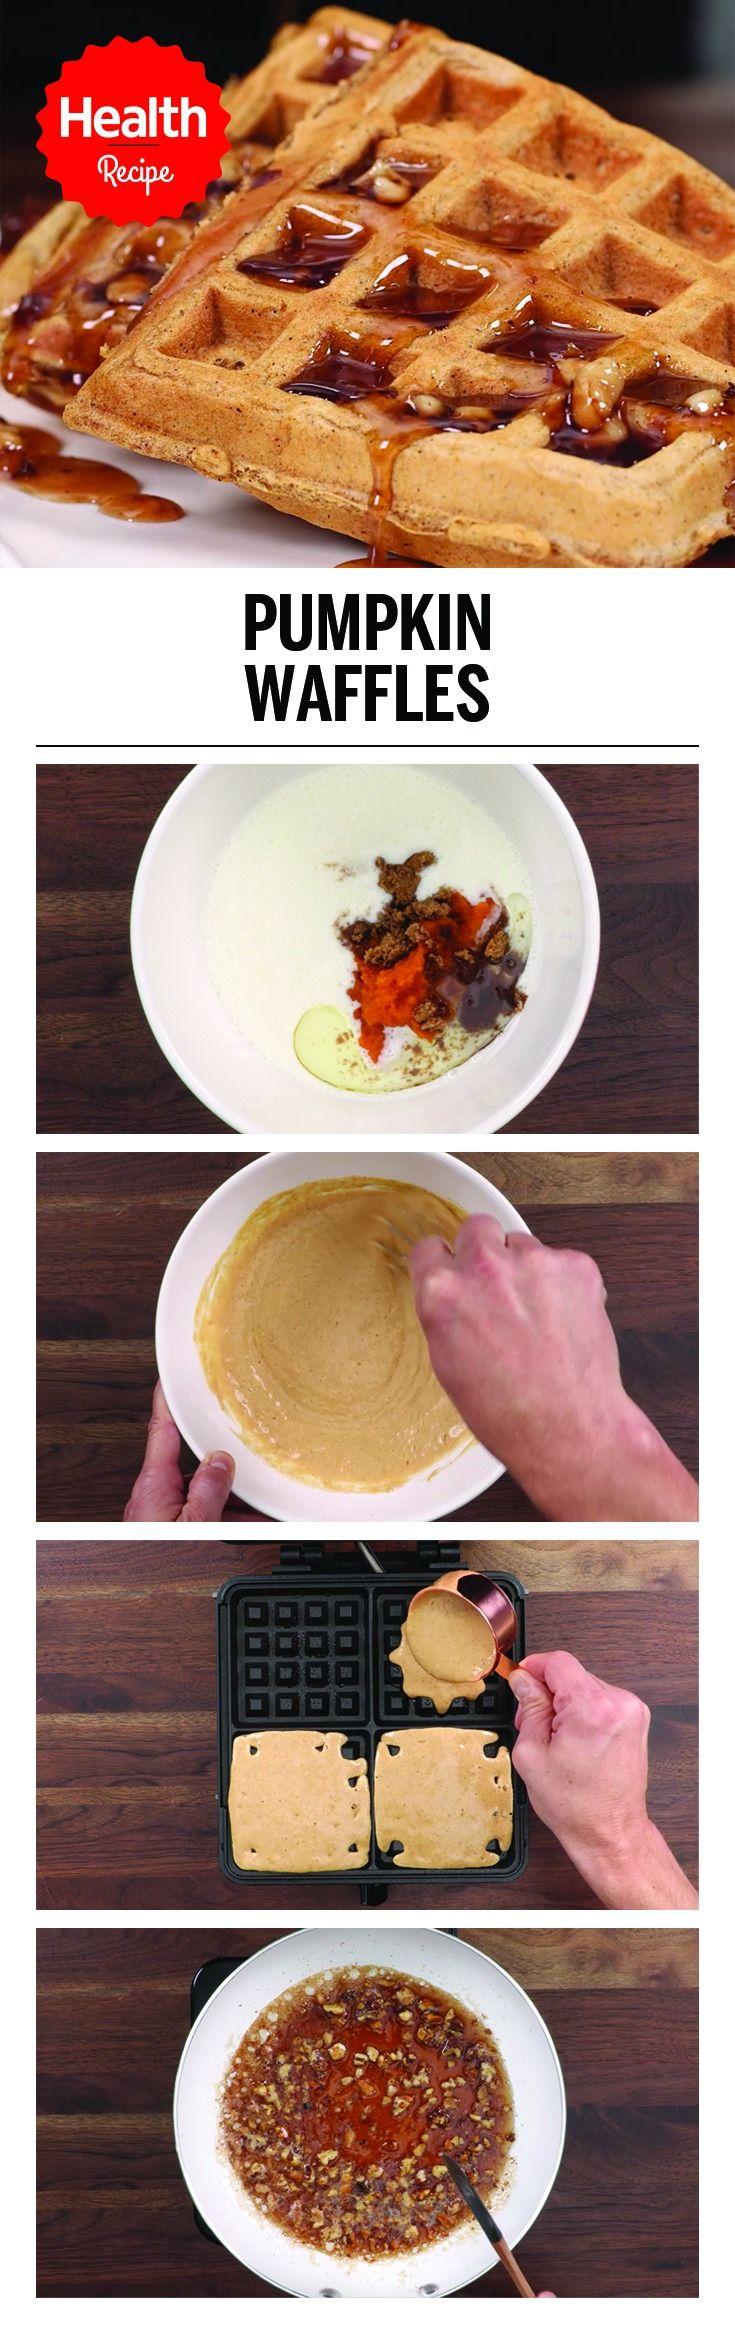 how to make waffles moist